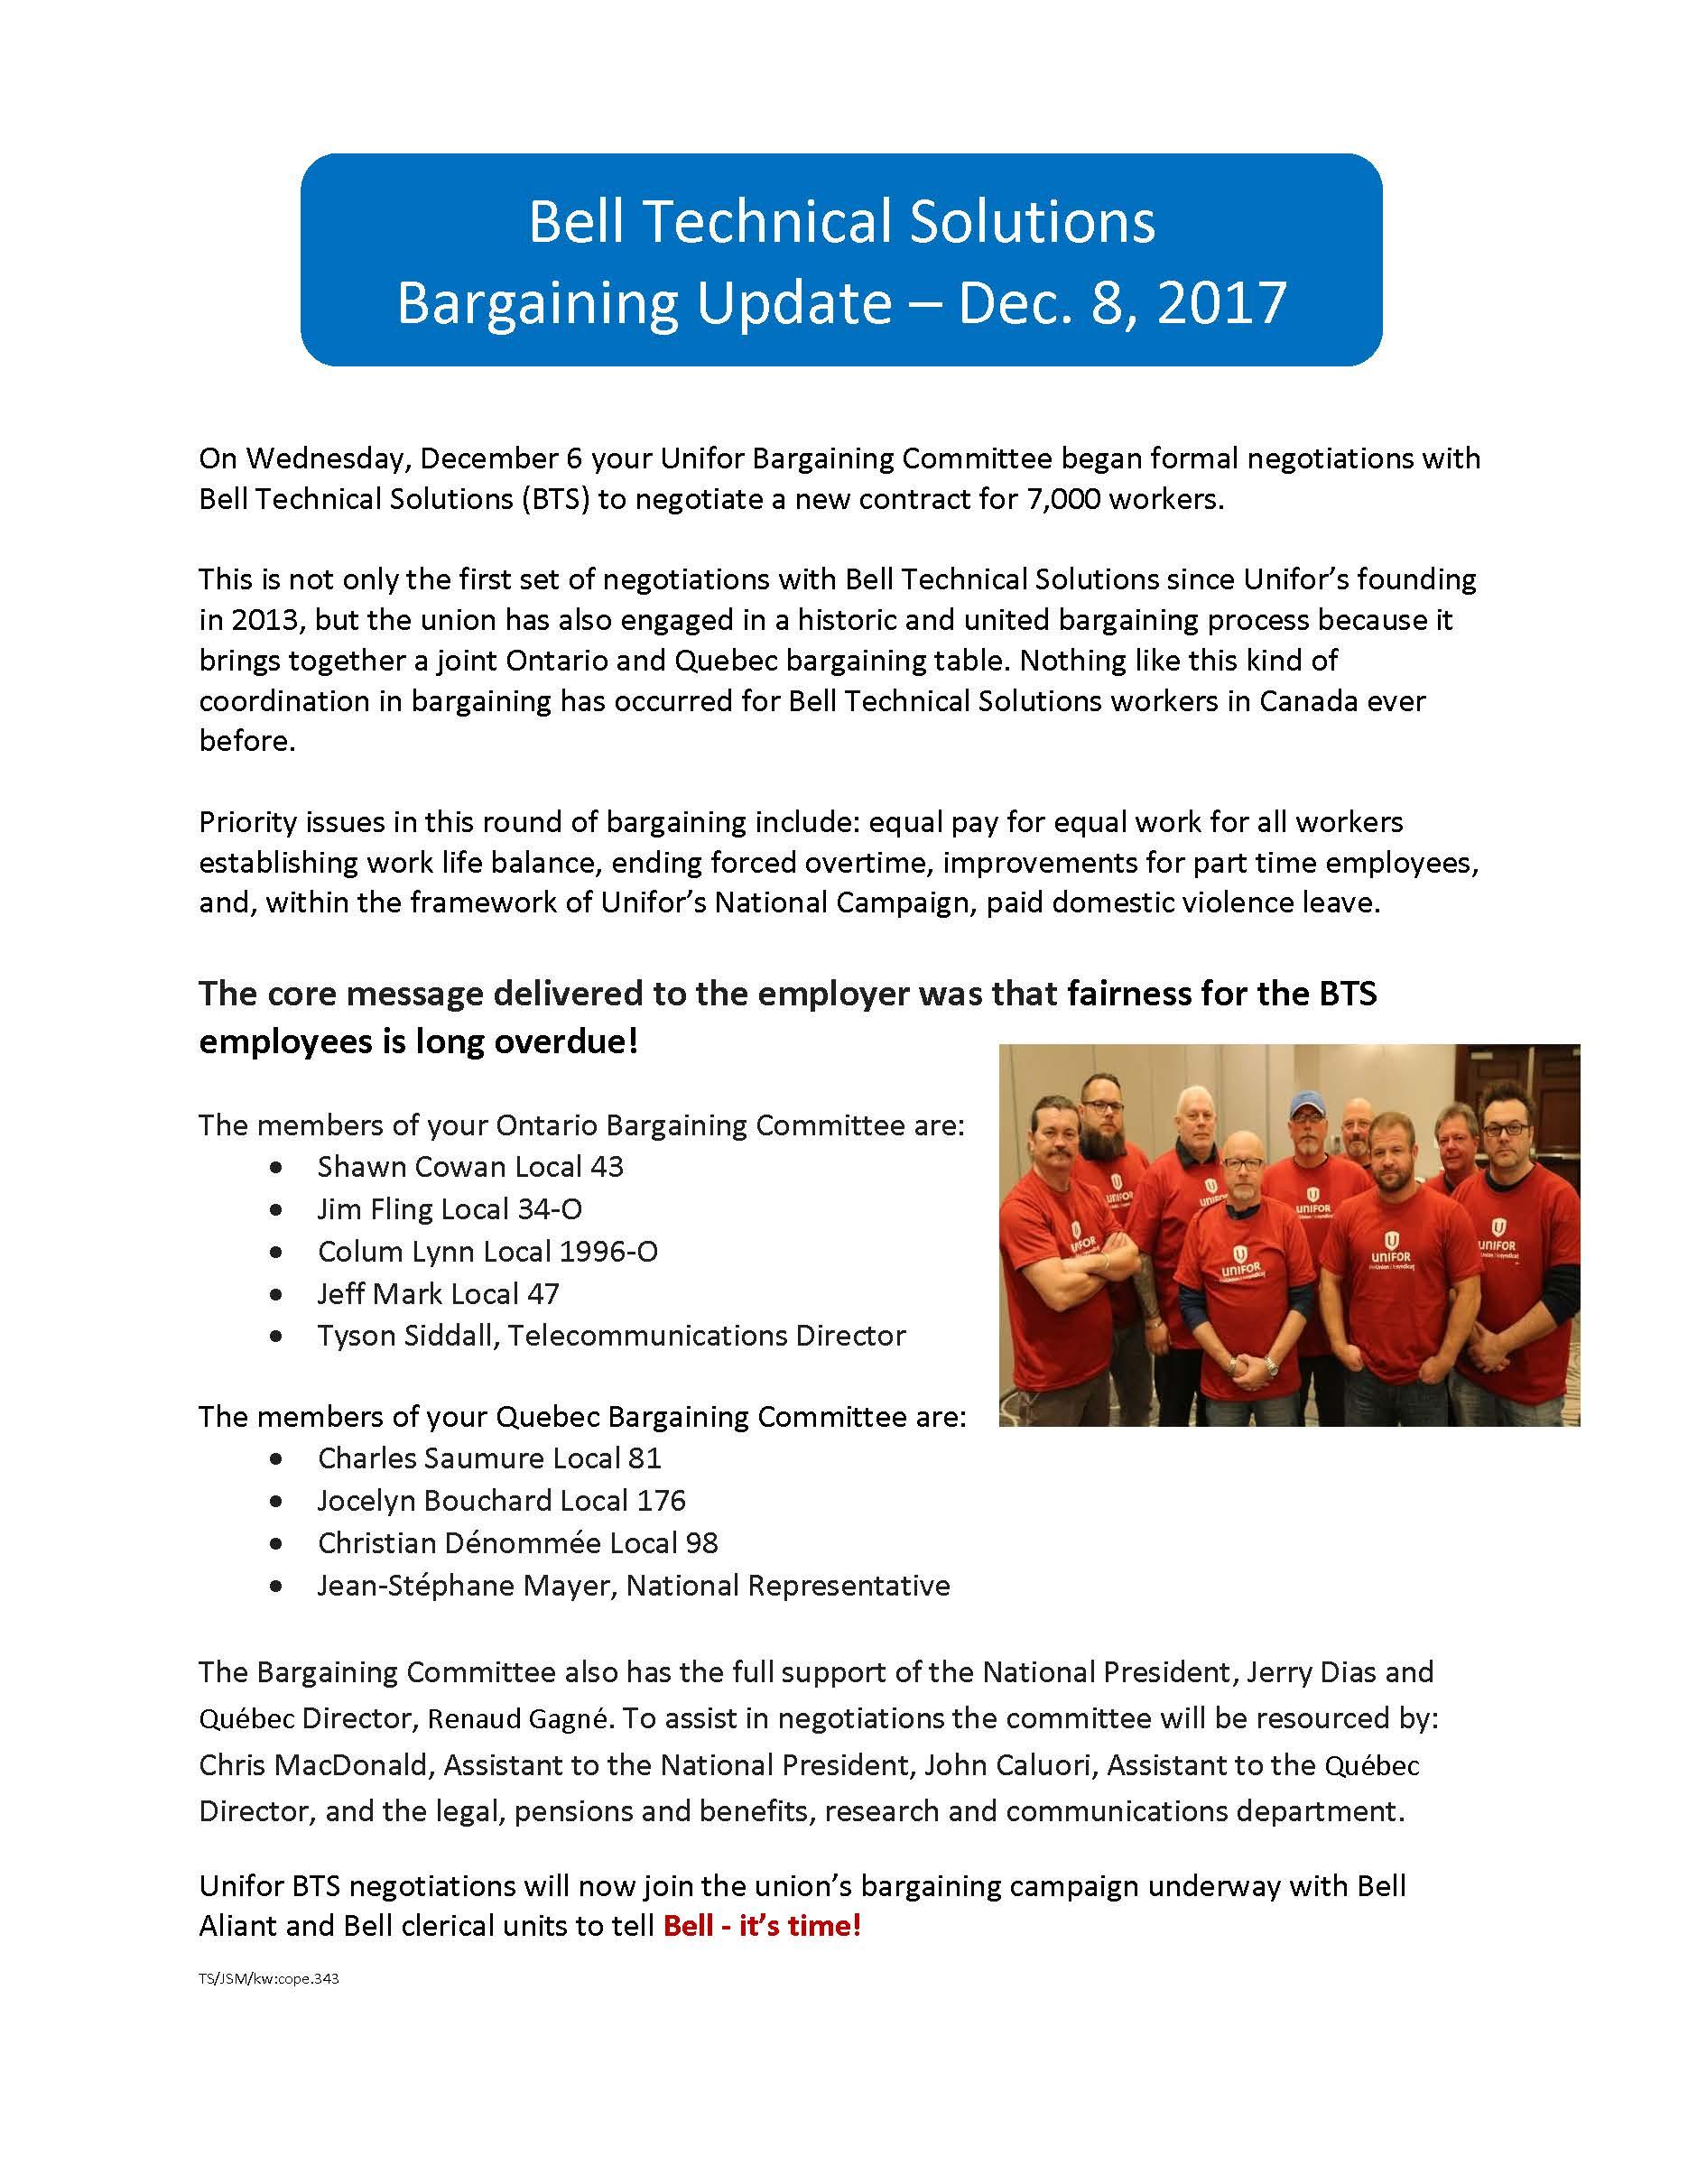 BTS Bargaining Update - Dec 8, 2017.jpg